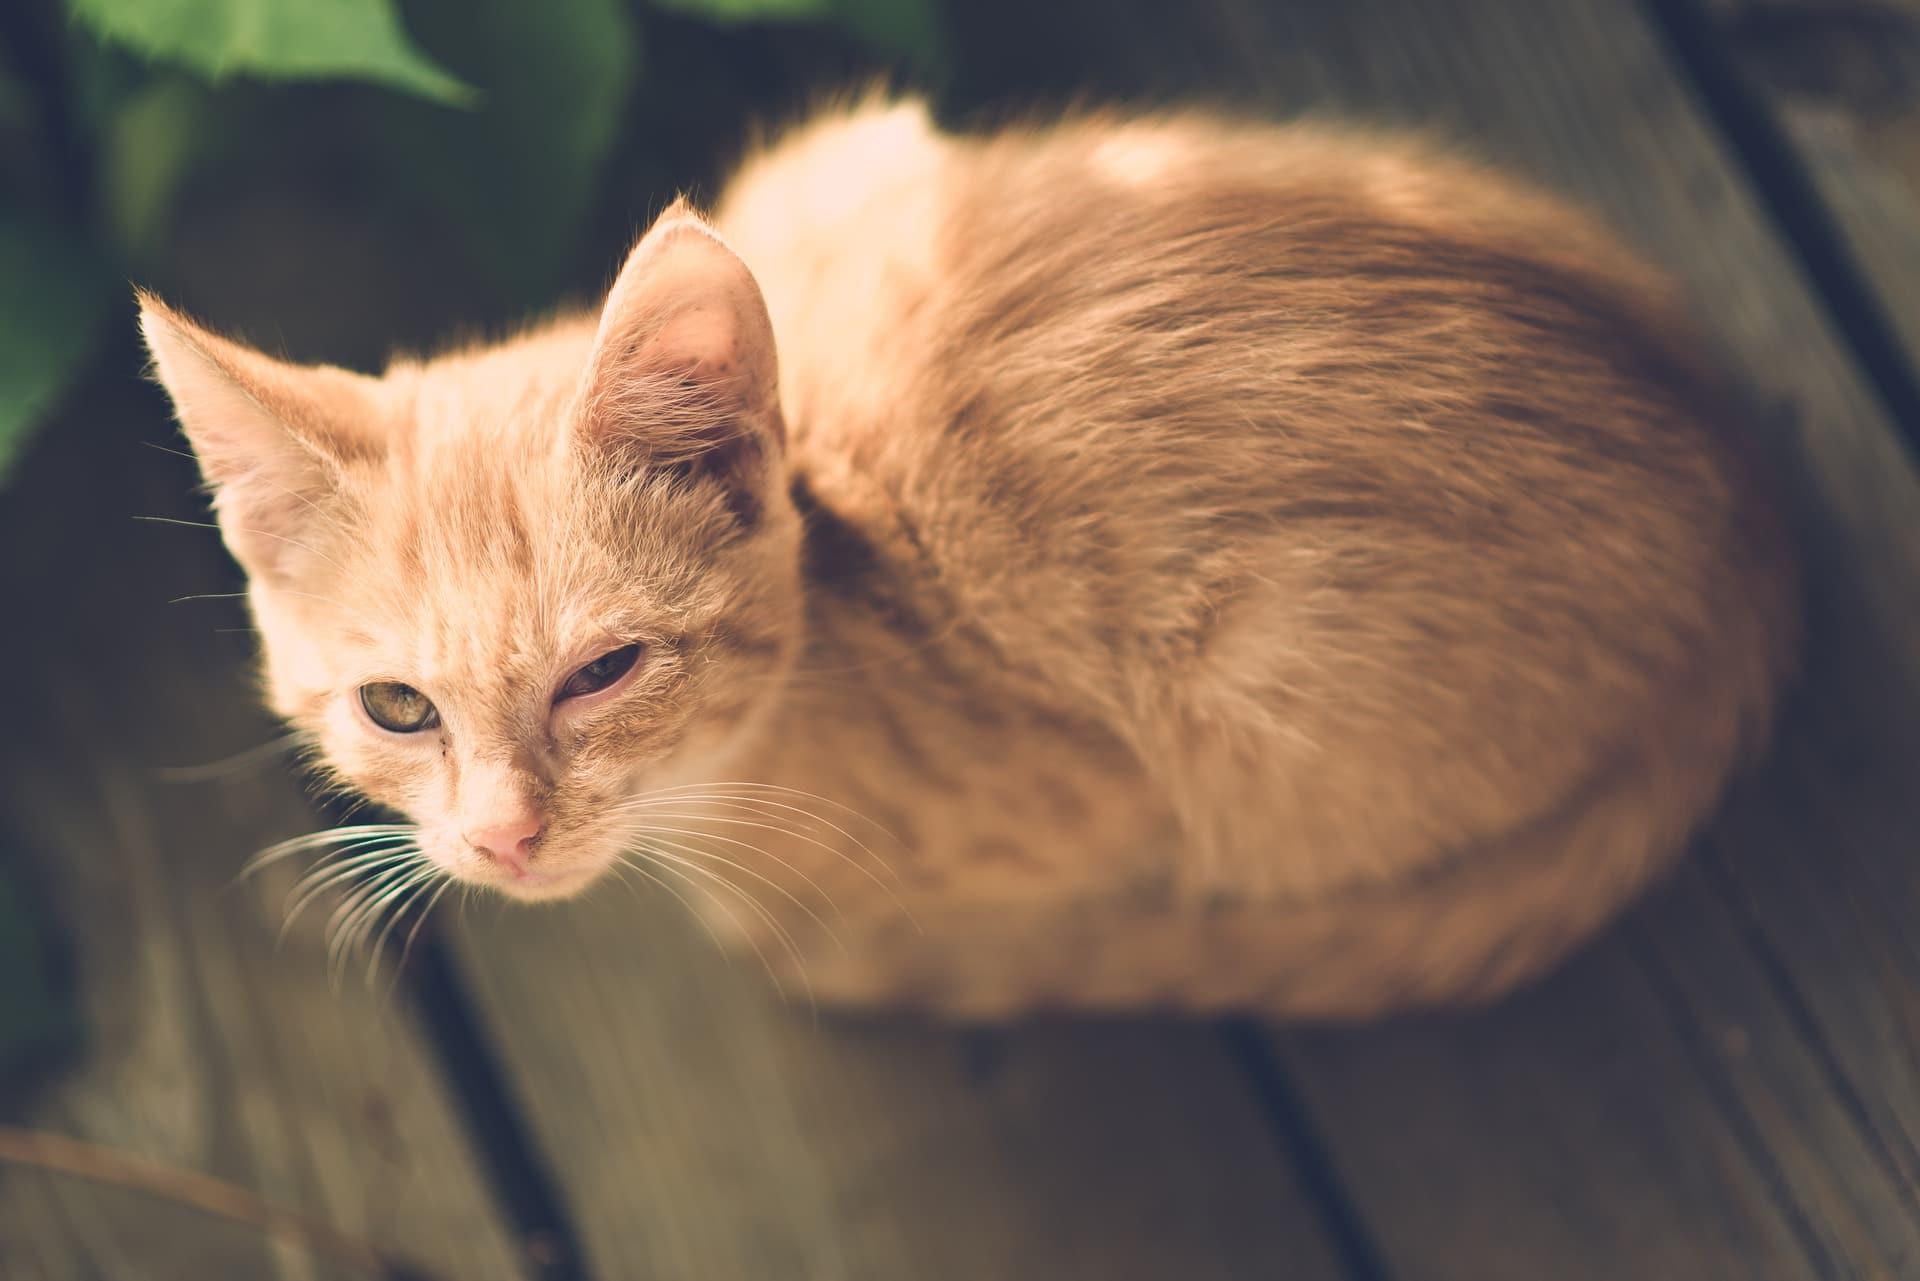 Katze kneift Auge zu - Haustiger24 hilft bei der Genesung